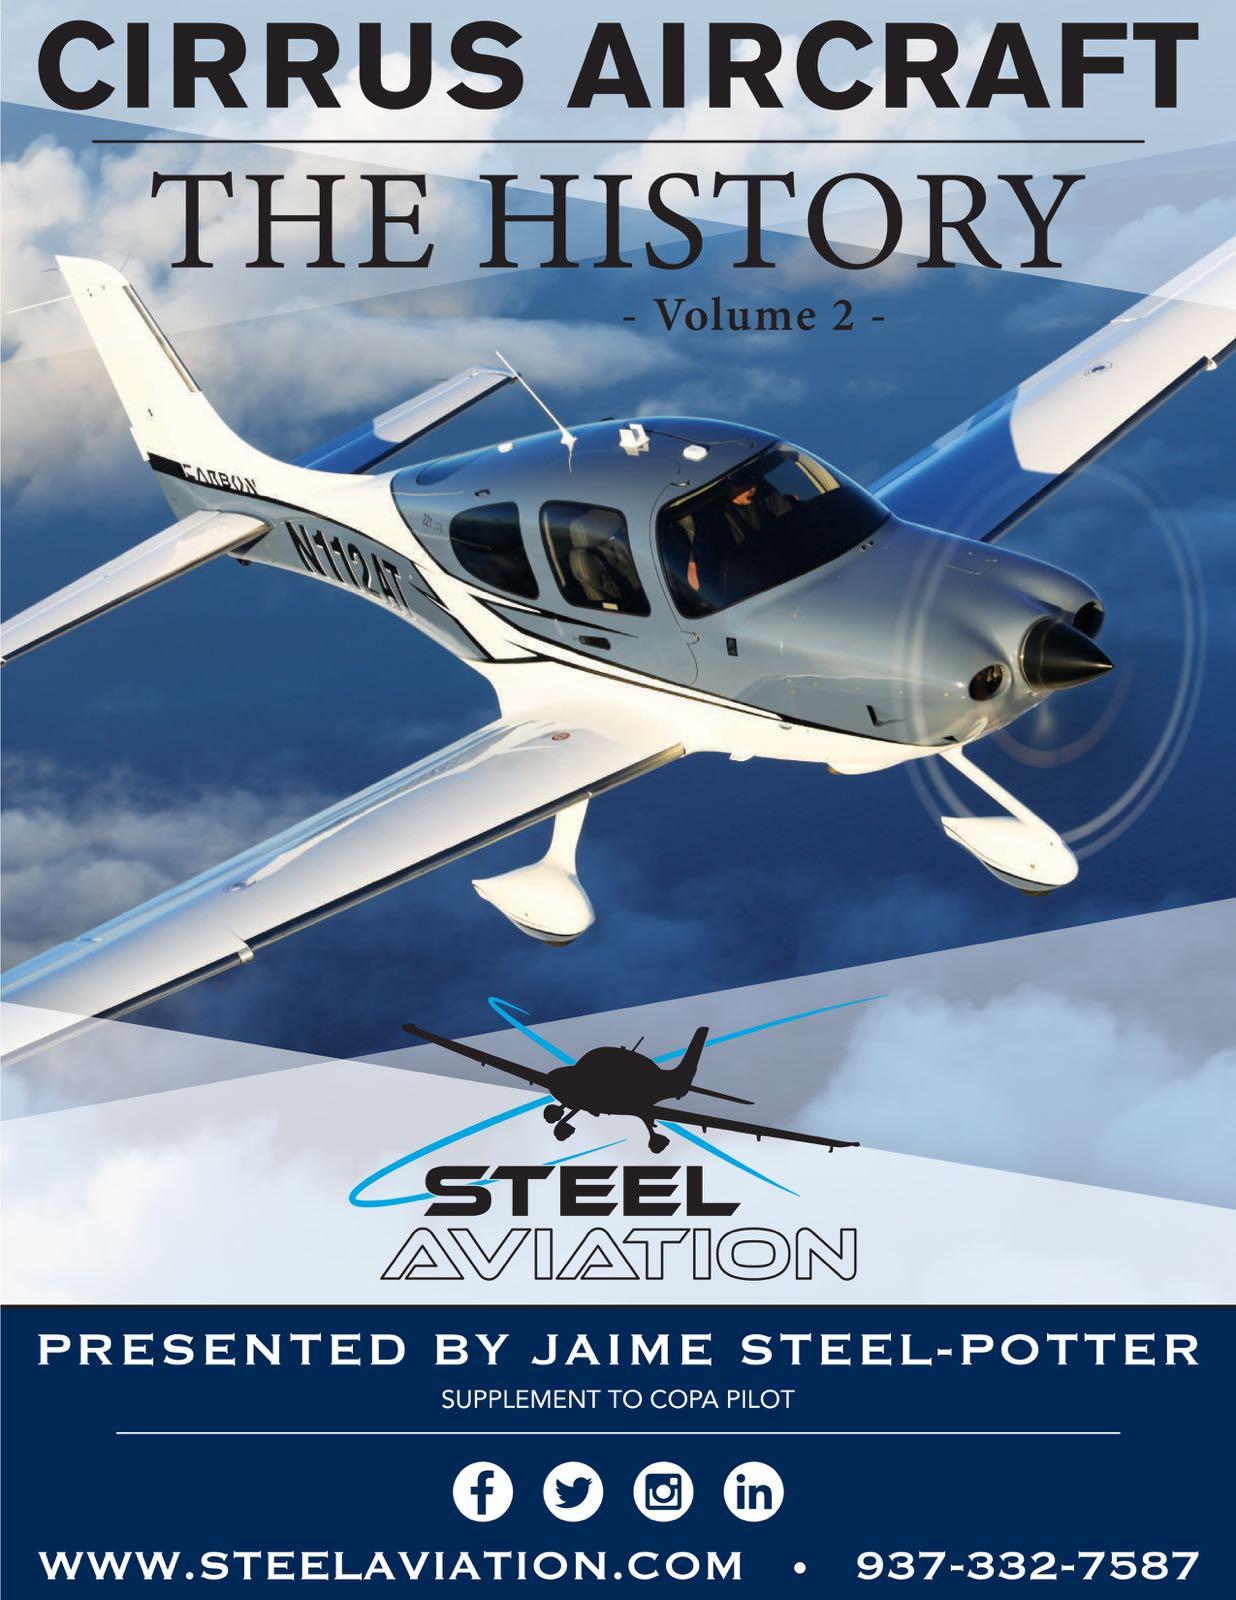 Cirrus Aircraft- The History